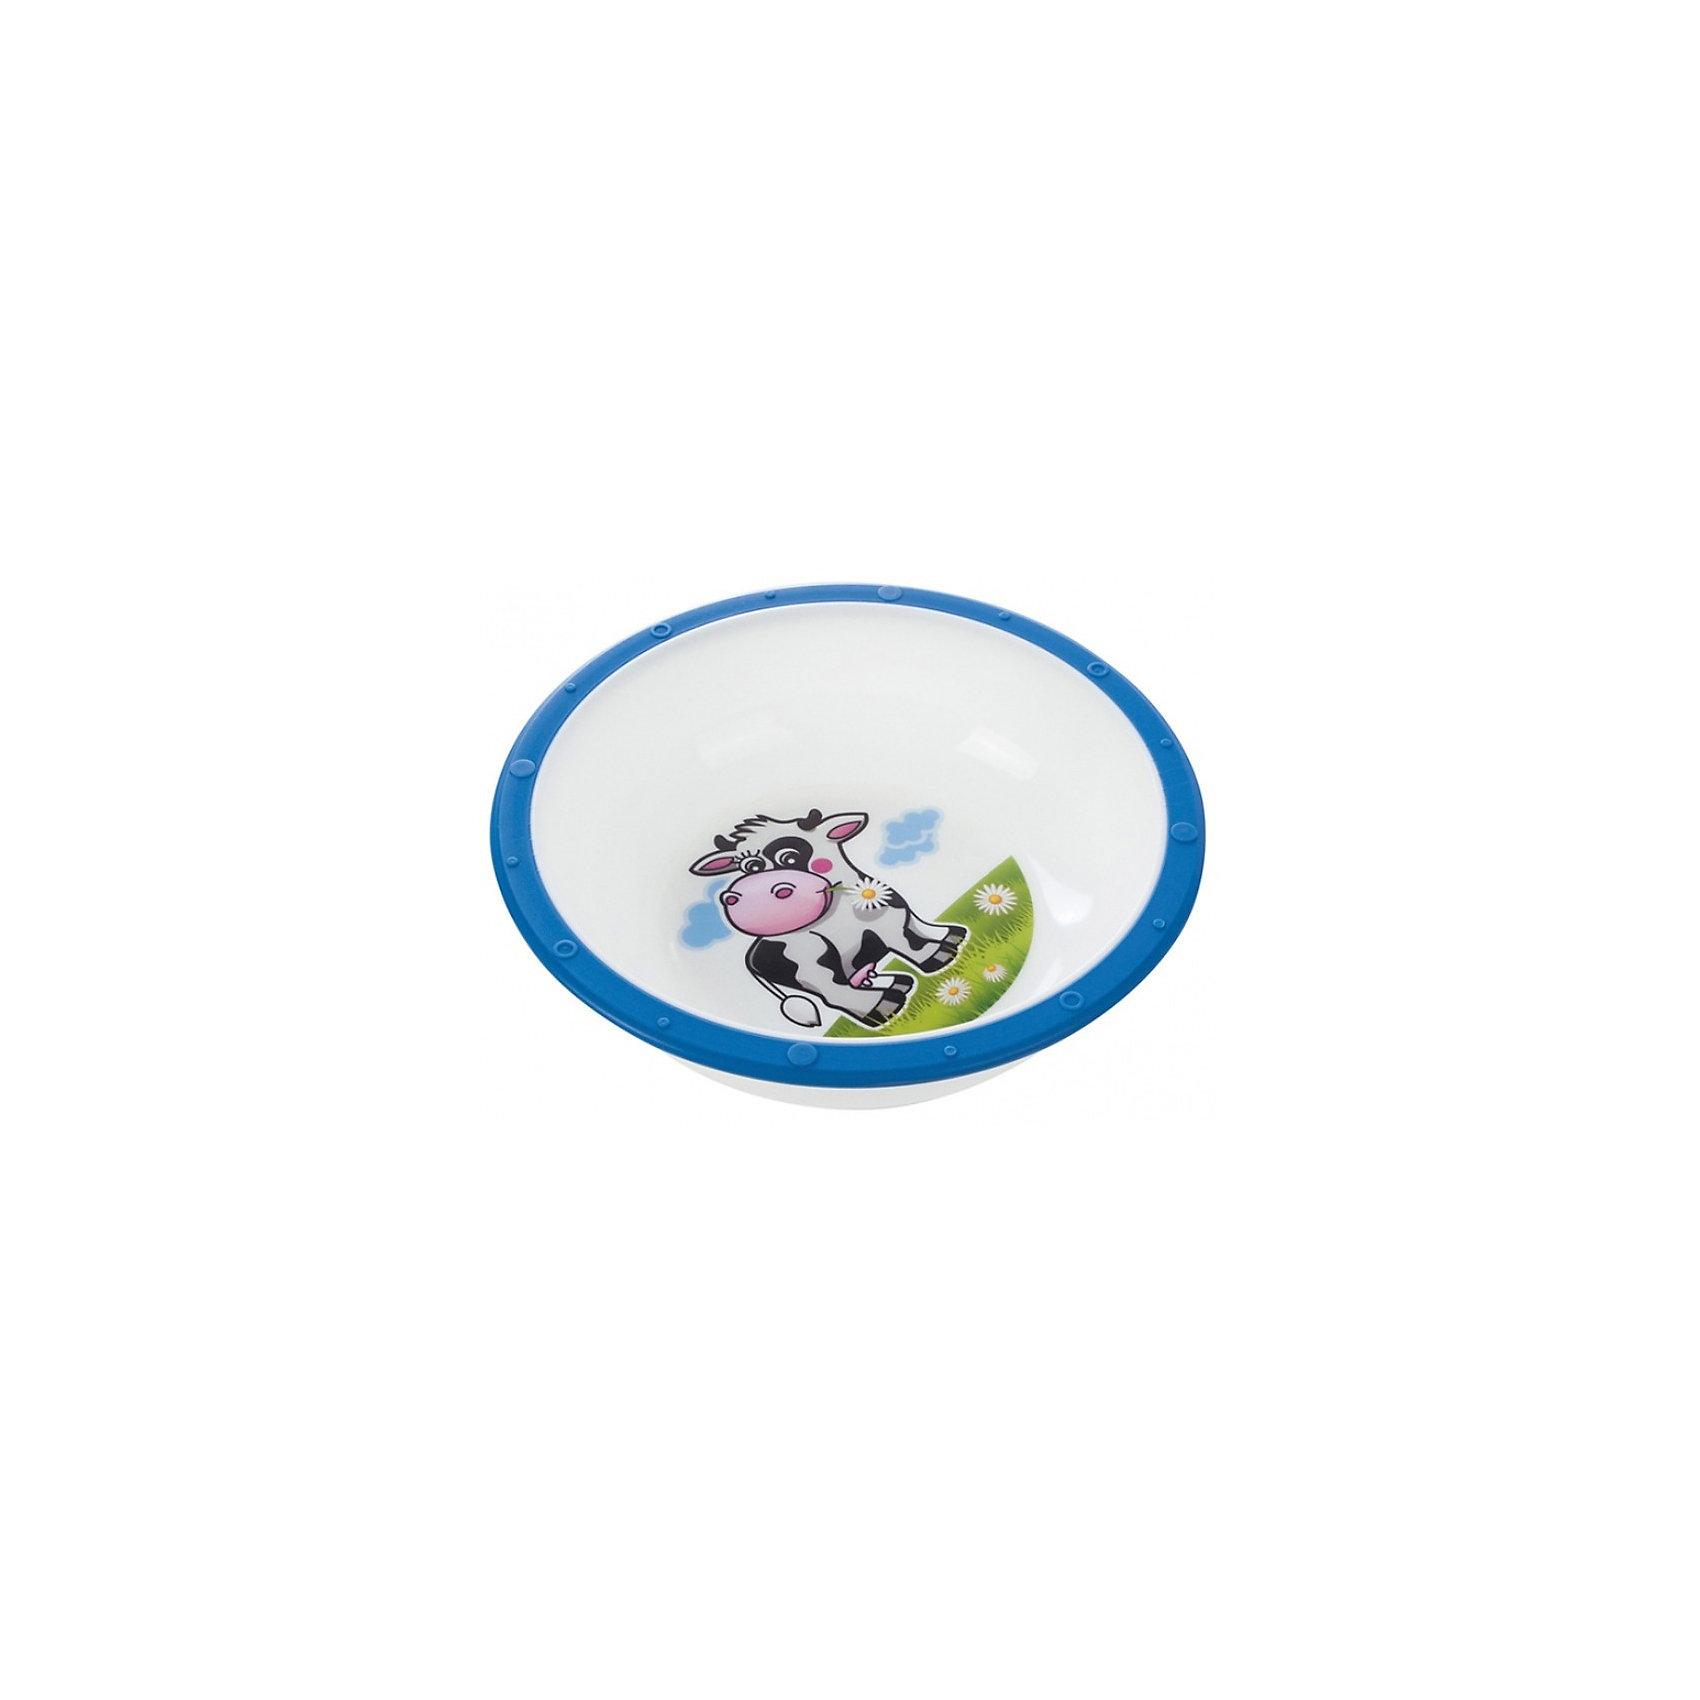 Тарелка Коровка, 270 мл., Canpol Babies, синийТарелка Canpol Babies с яркими забавными рисунками станет любимой посудой Вашего ребенка. Тарелка имеет удобную эргономичную форму и безопасные закругленные края. Антискользящее дно с присоской защищает тарелку от скольжения и опрокидывания. <br>Яркая привлекательная посуда с симпатичными персонажами поможет ребенку быстрее освоить навыки самостоятельного питания. Тарелку можно использовать в микроволновой печи и посудомоечной машине.<br>Дополнительная информация:<br>- Материал: пластик.<br>- Объем: 270 мл.<br>- Размер упаковки: 16 х 16 х 5,5 см.<br>- Вес: 73 гр.<br>Тарелку Canpol Babies можно купить в нашем интернет-магазине.<br><br>Ширина мм: 55<br>Глубина мм: 55<br>Высота мм: 160<br>Вес г: 73<br>Возраст от месяцев: 9<br>Возраст до месяцев: 36<br>Пол: Унисекс<br>Возраст: Детский<br>SKU: 3921599